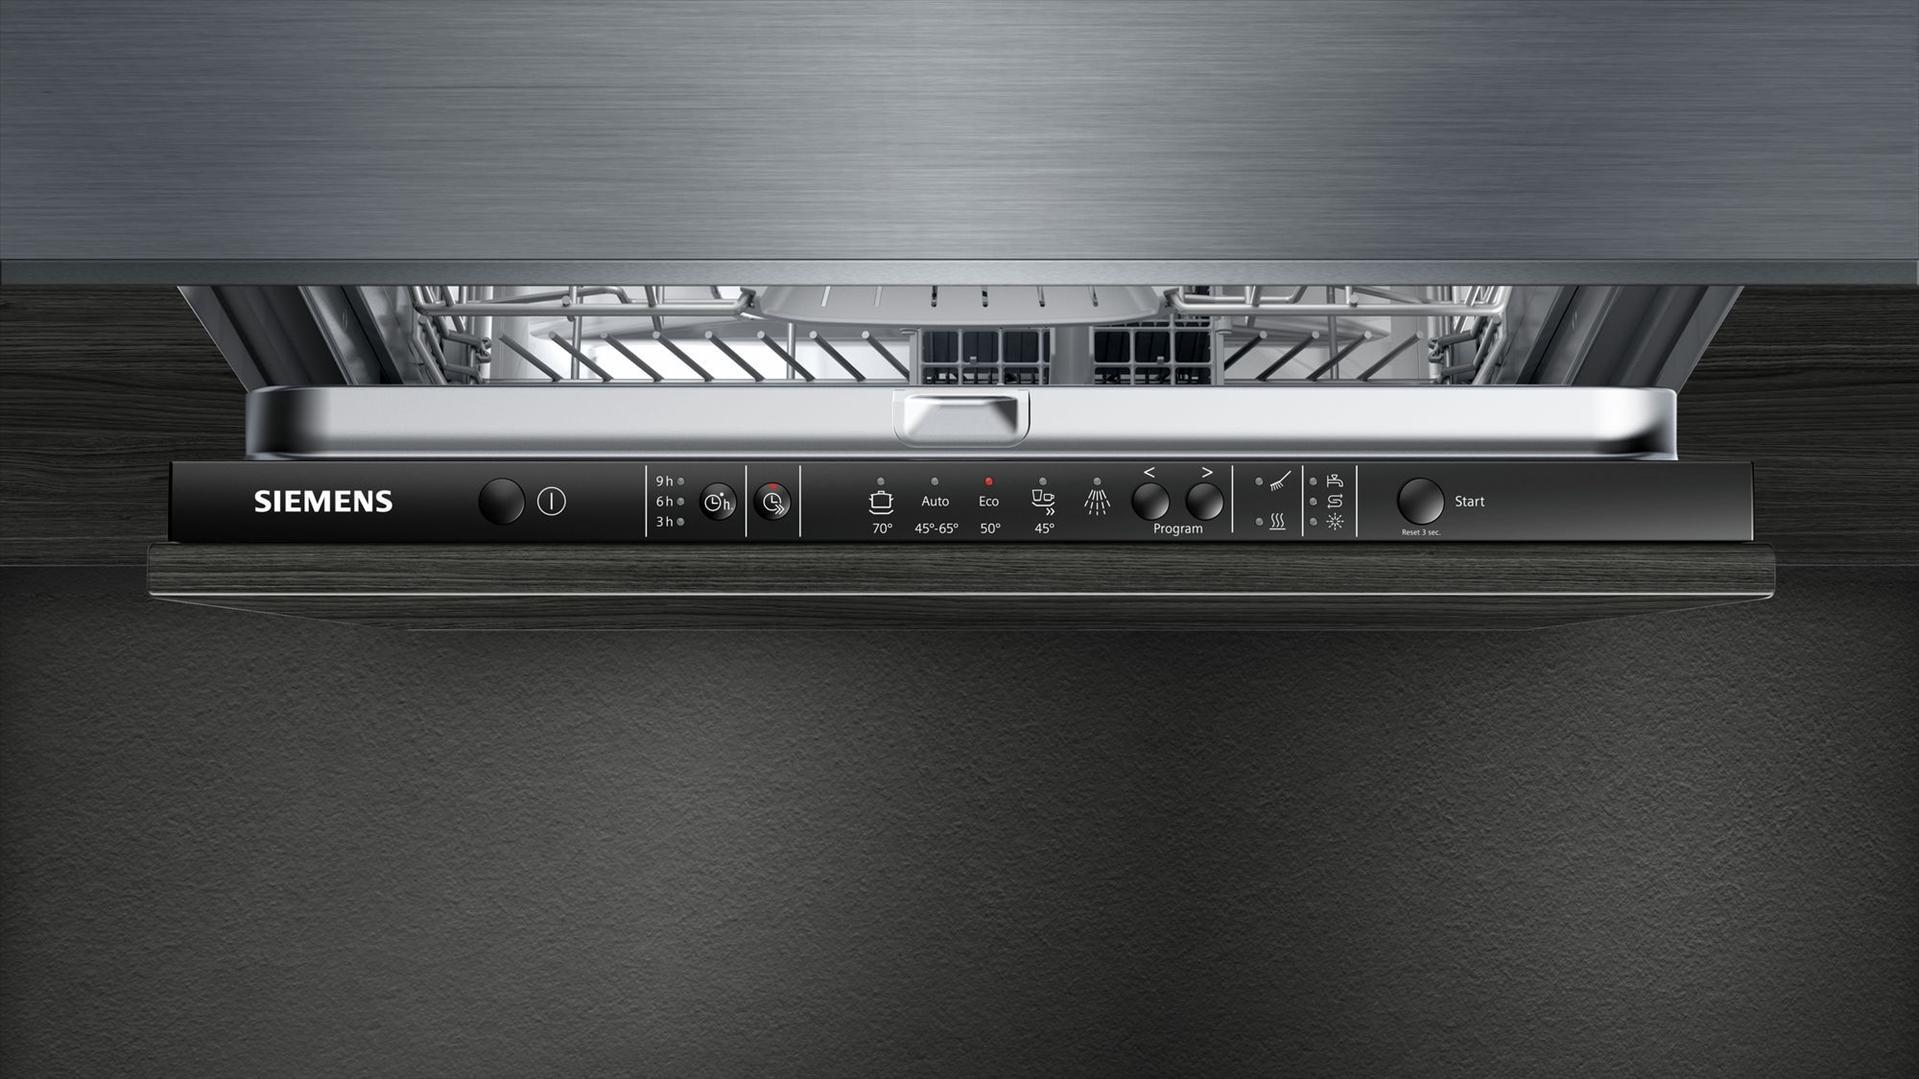 מדיח כלים רחב אינטגרלי 13 מע' כלים Siemens SN615X02CE סימנס - תמונה 5